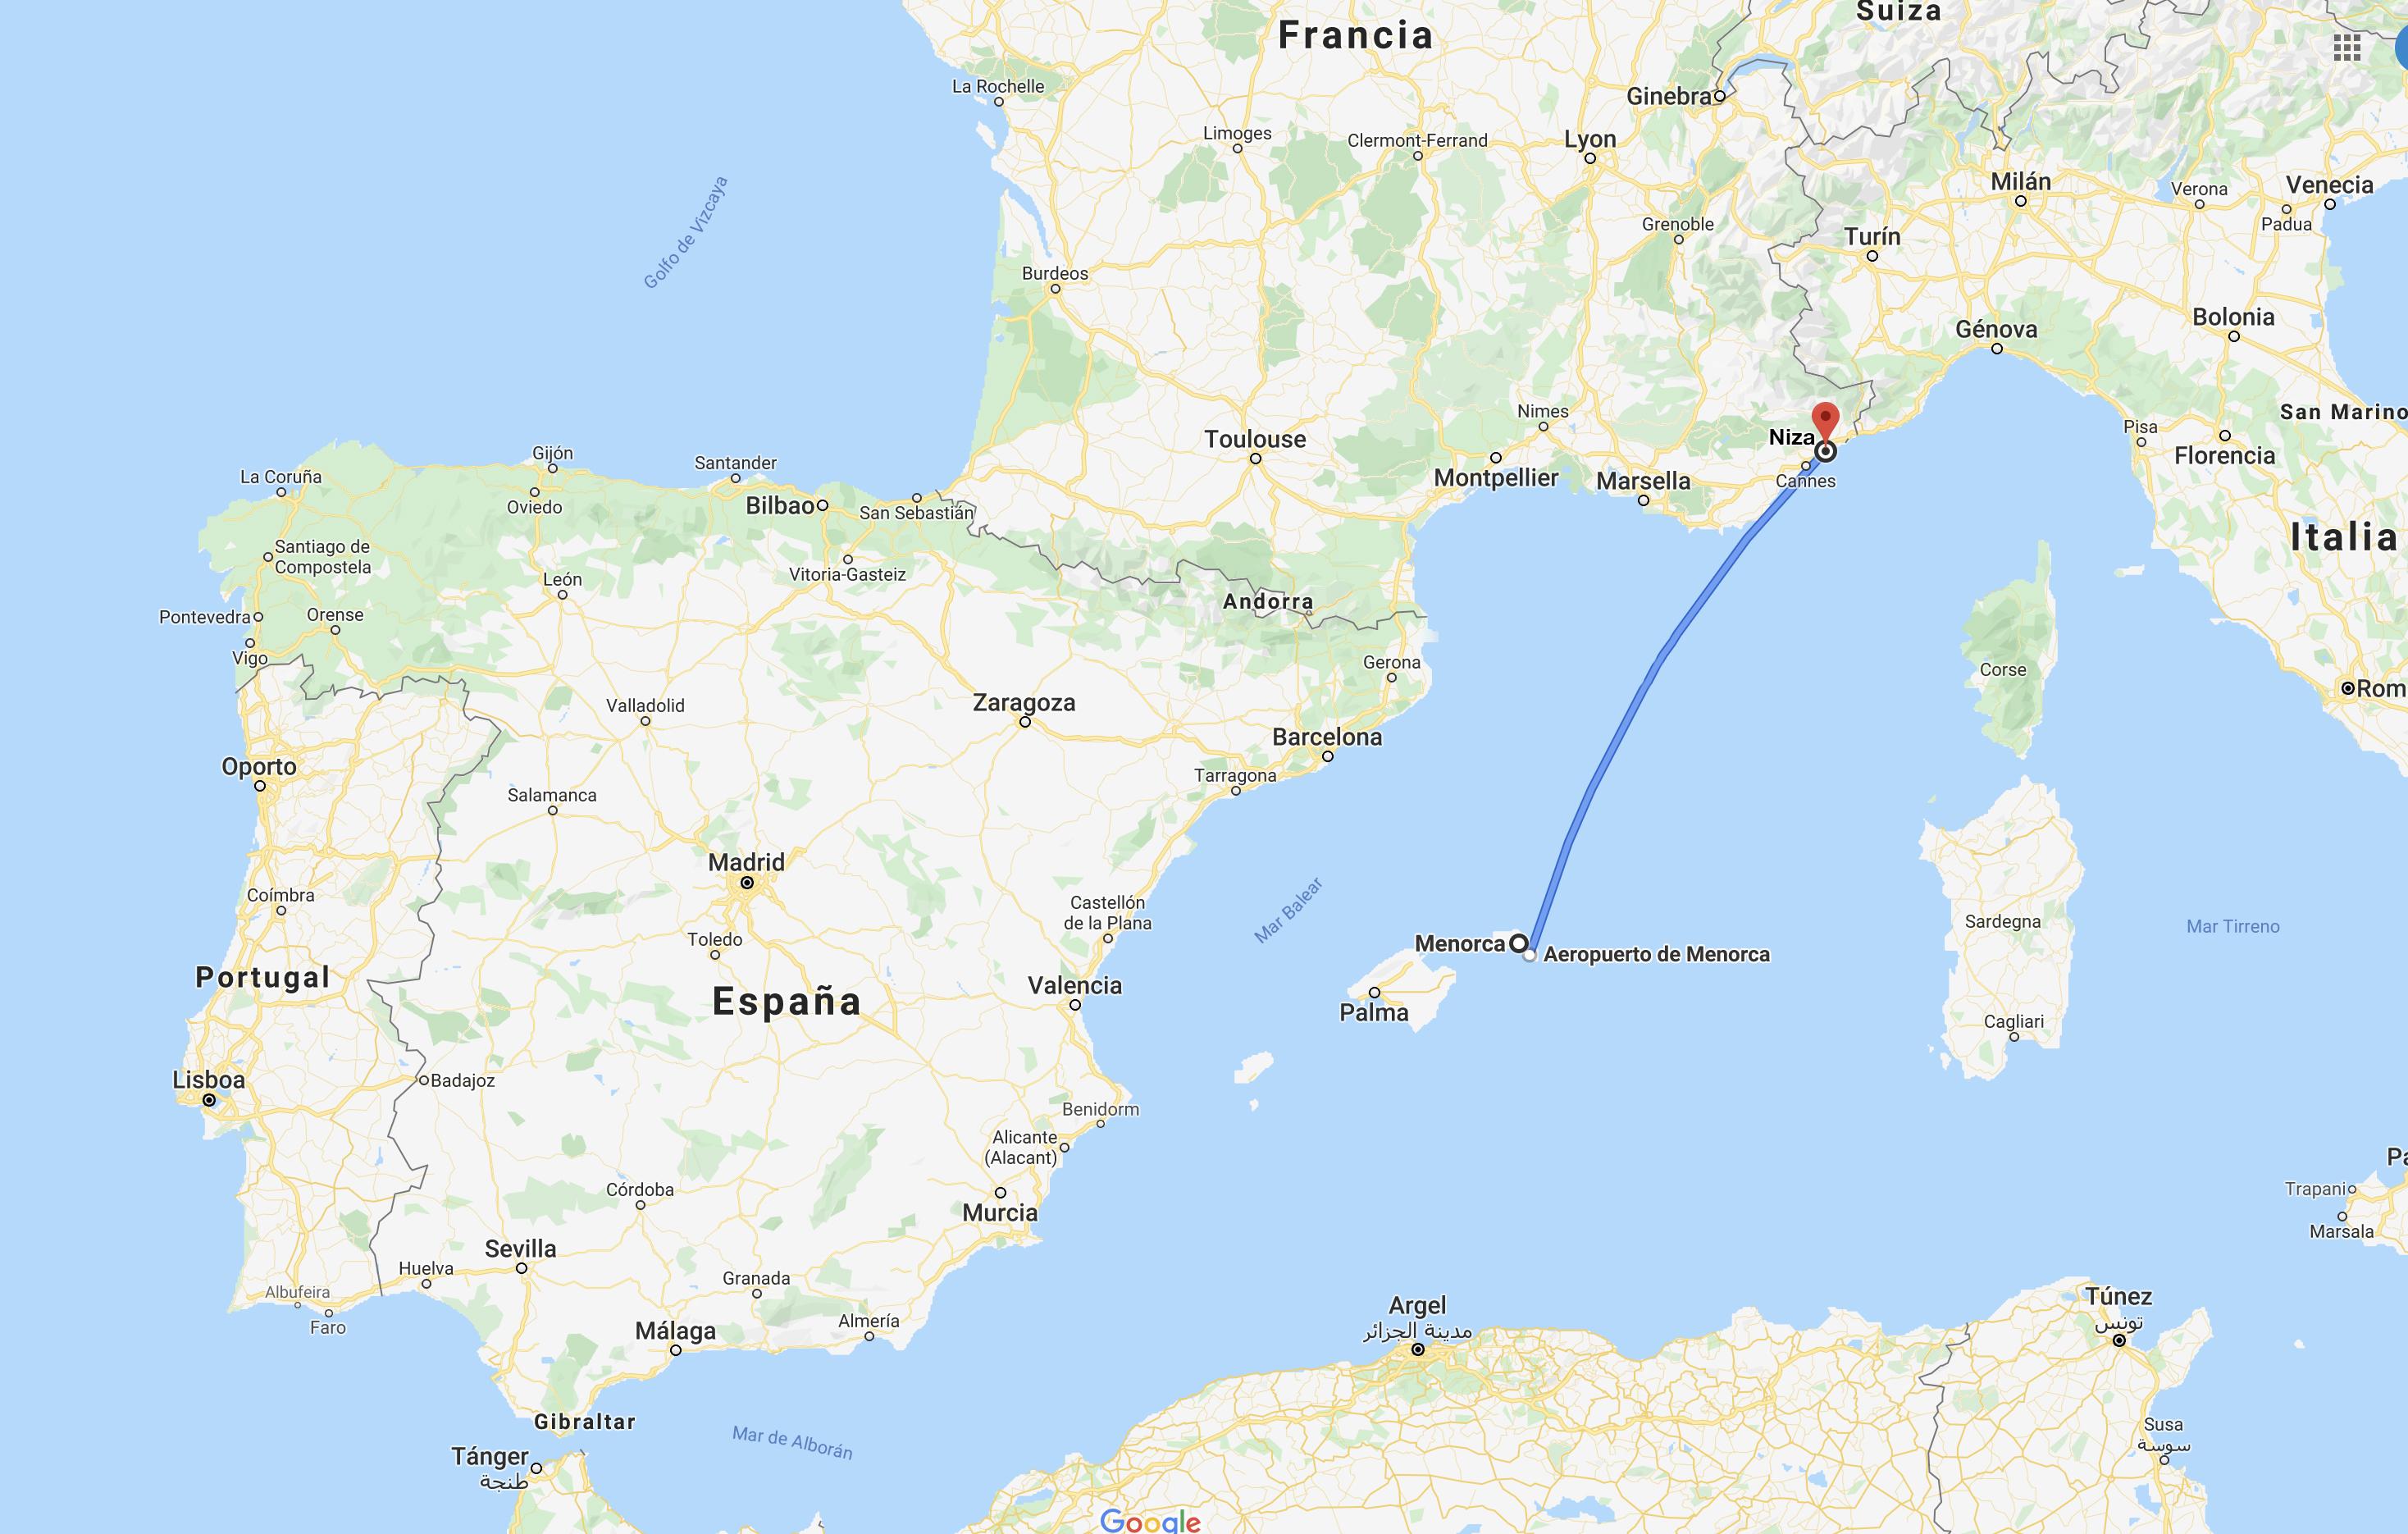 Direct flight between Menorca and Nice